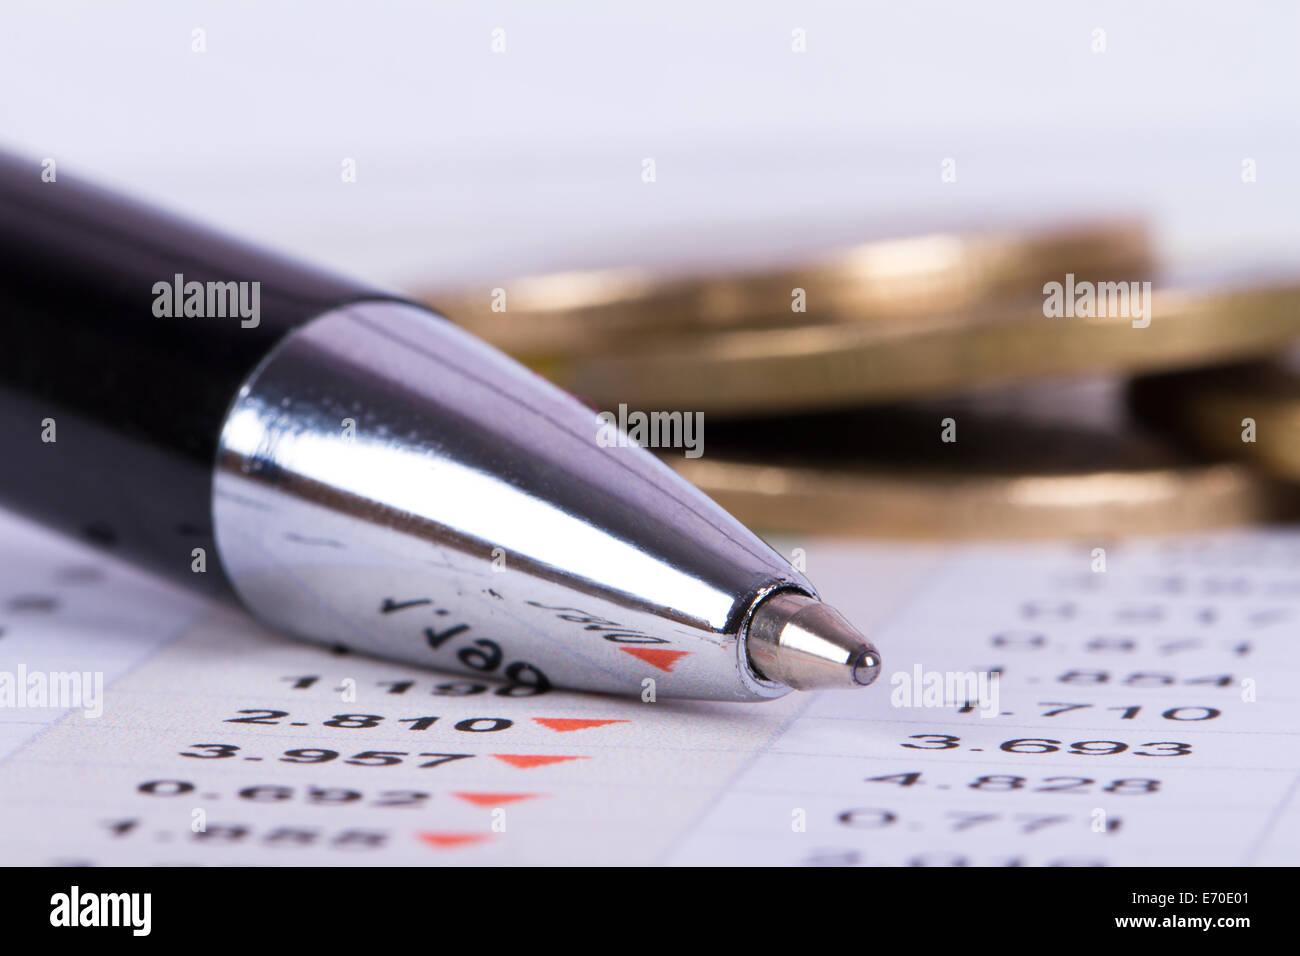 Vue rapprochée de plume sur analyse des données financières et des pièces derrière. Photo Stock